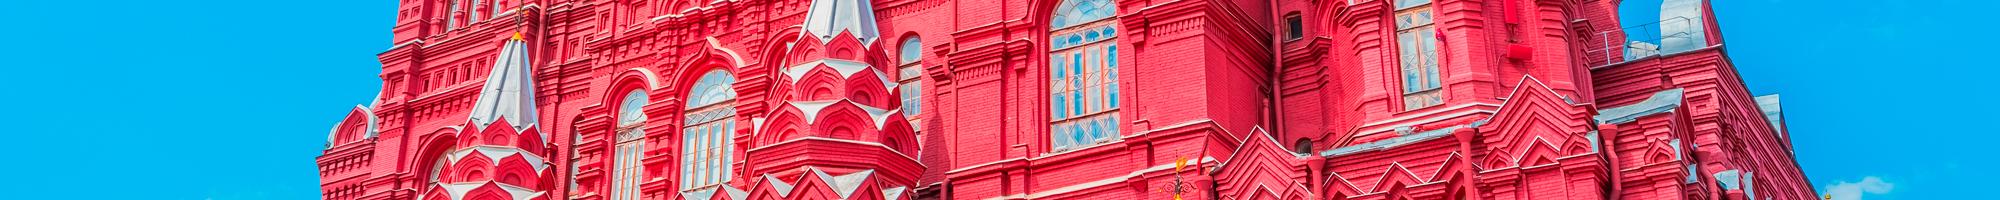 Hoteles en Rusia